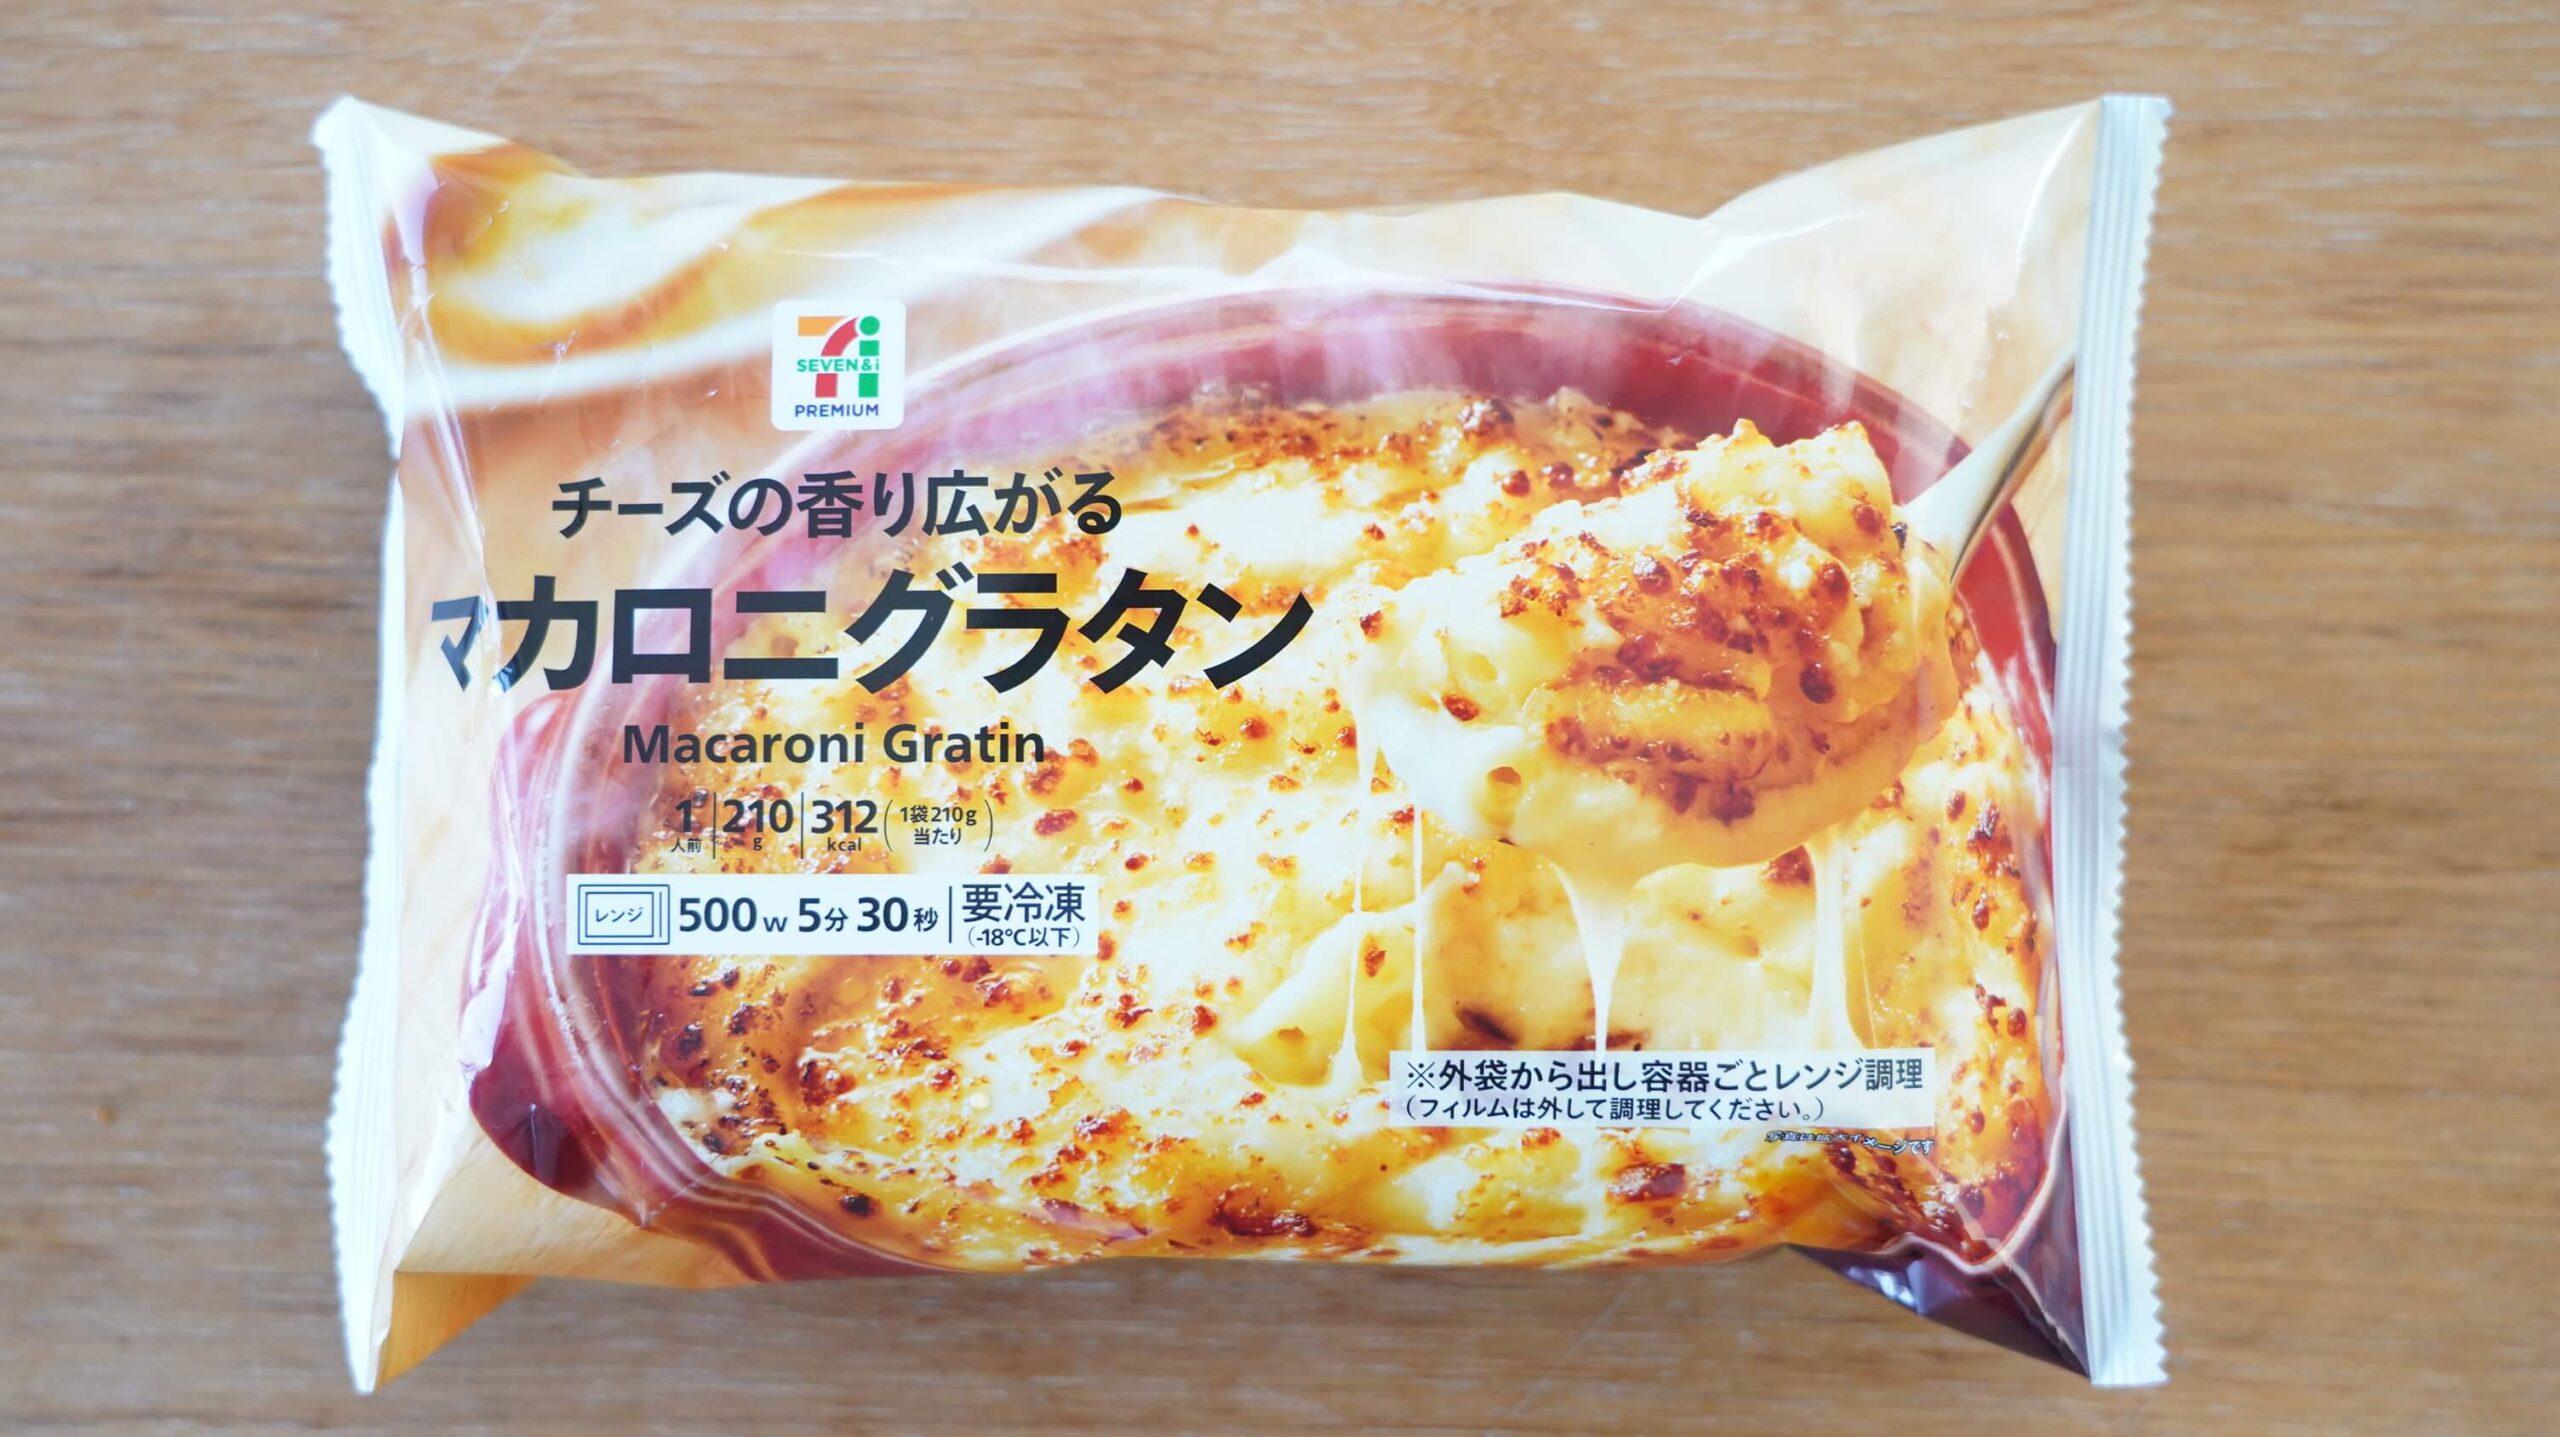 セブンイレブンの冷凍食品「チーズの香り広がる・マカロニグラタン」のパッケージ写真